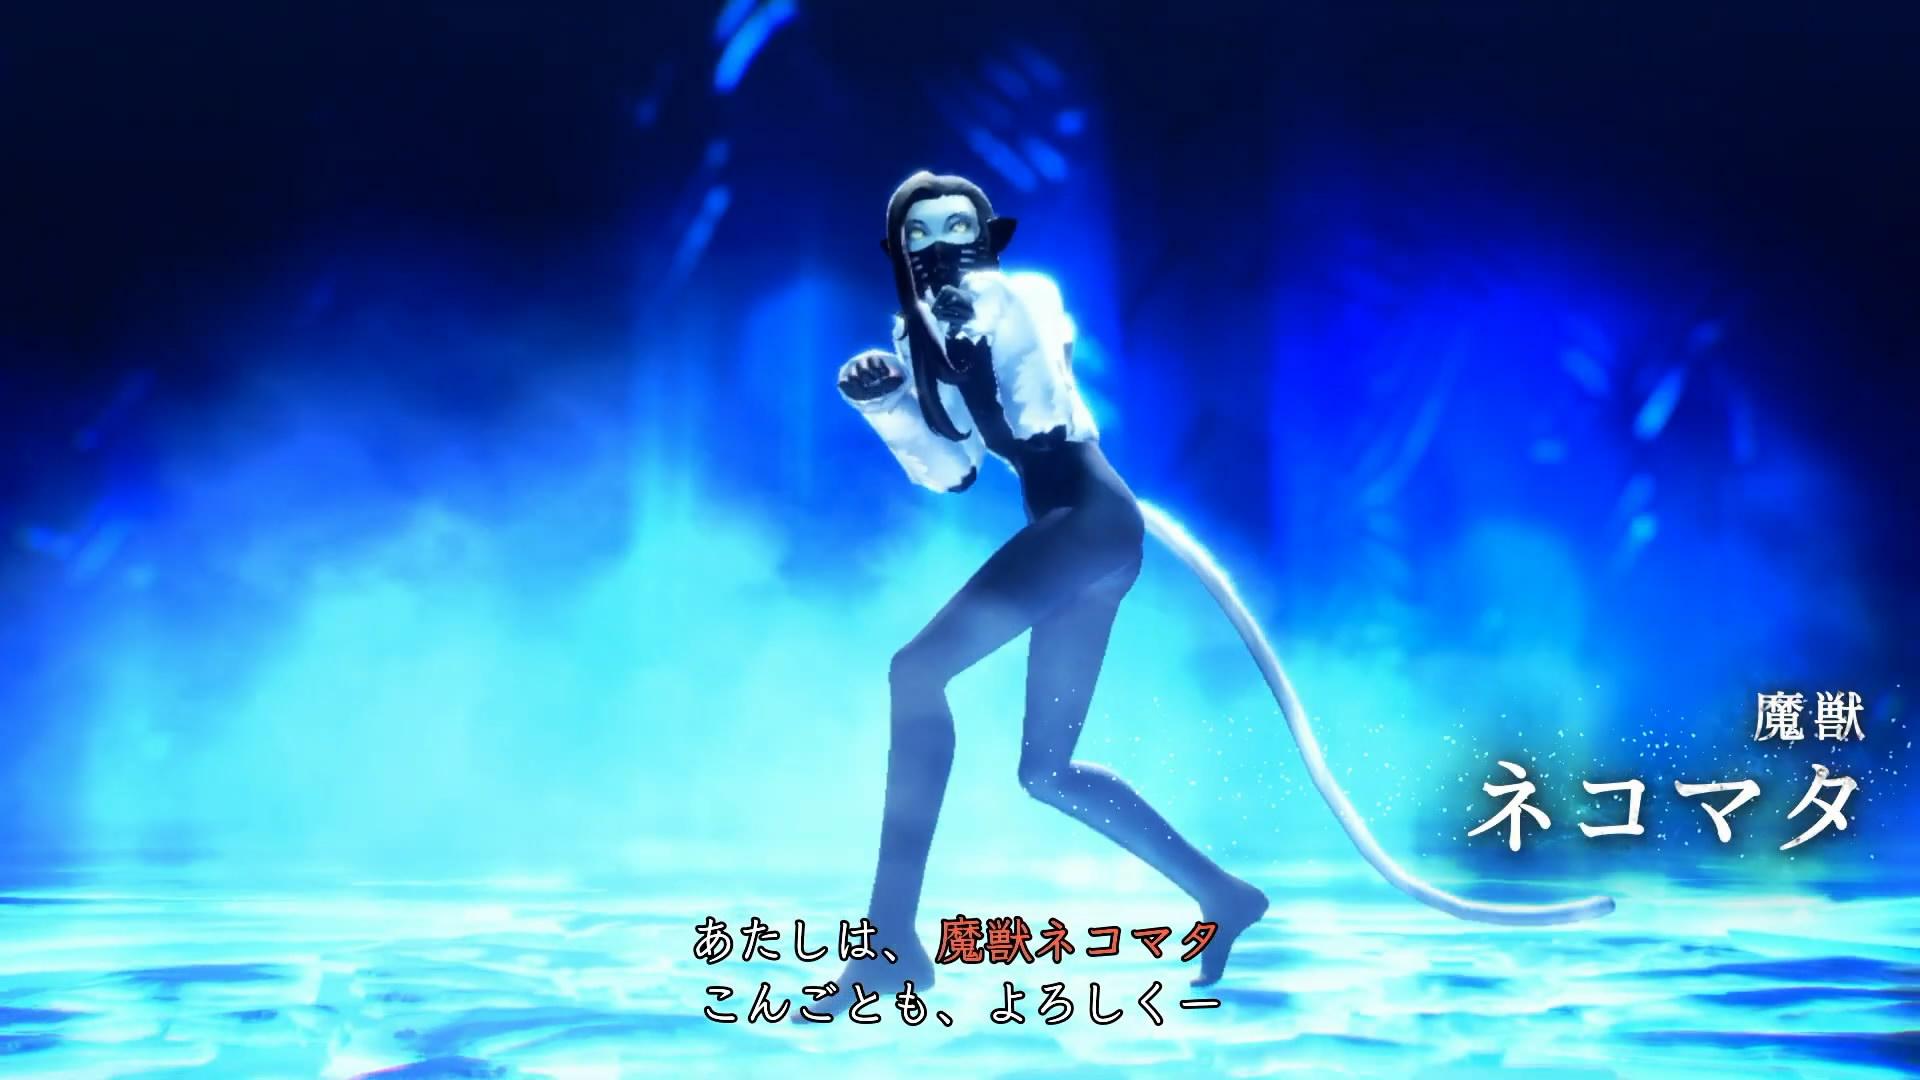 《真女神转生5》新恶魔预告片:黑丝猫妖骚气亮相!